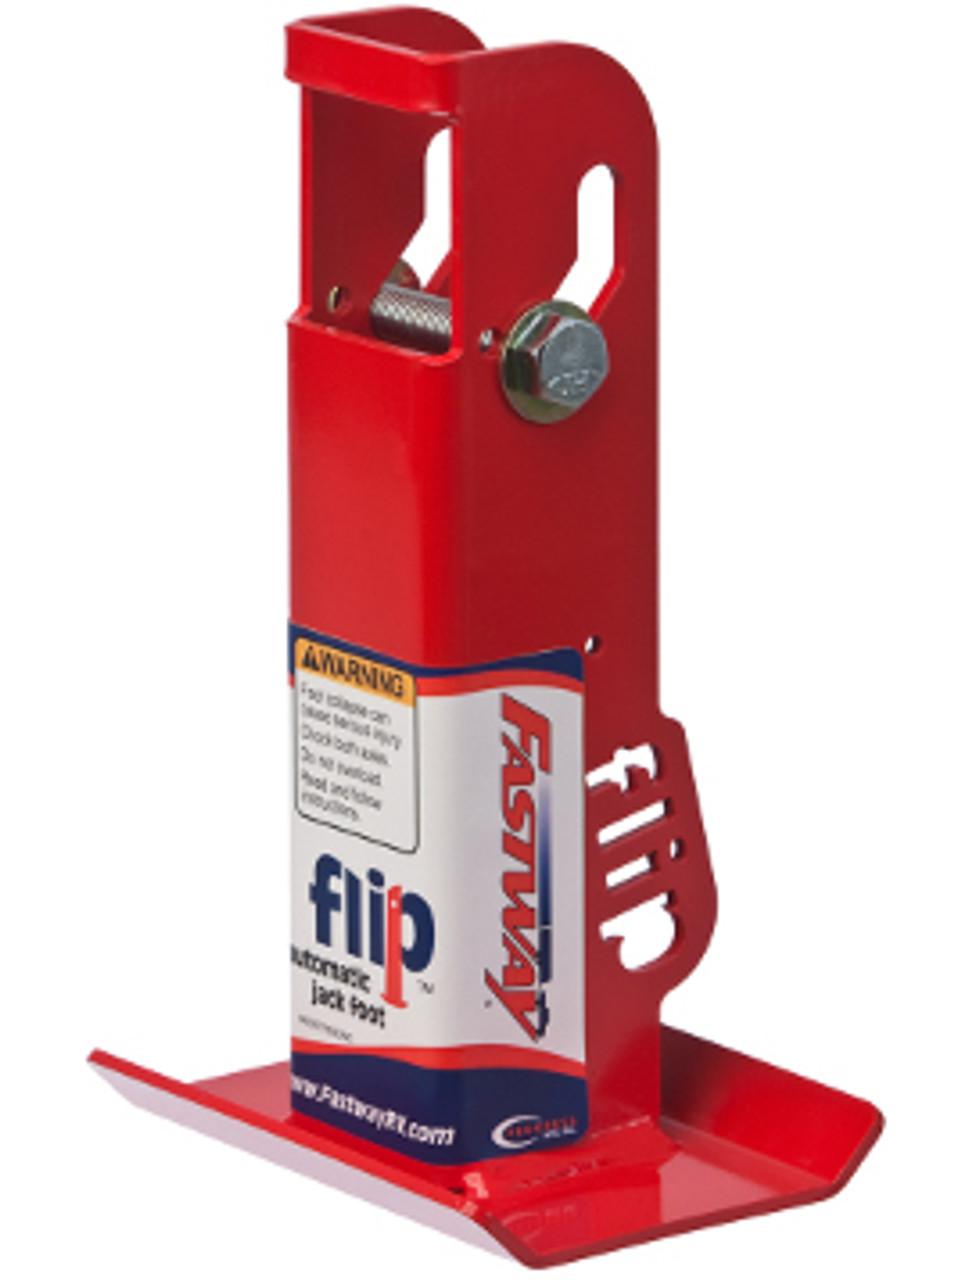 AJF6500 --- The Fastway Flip Jack